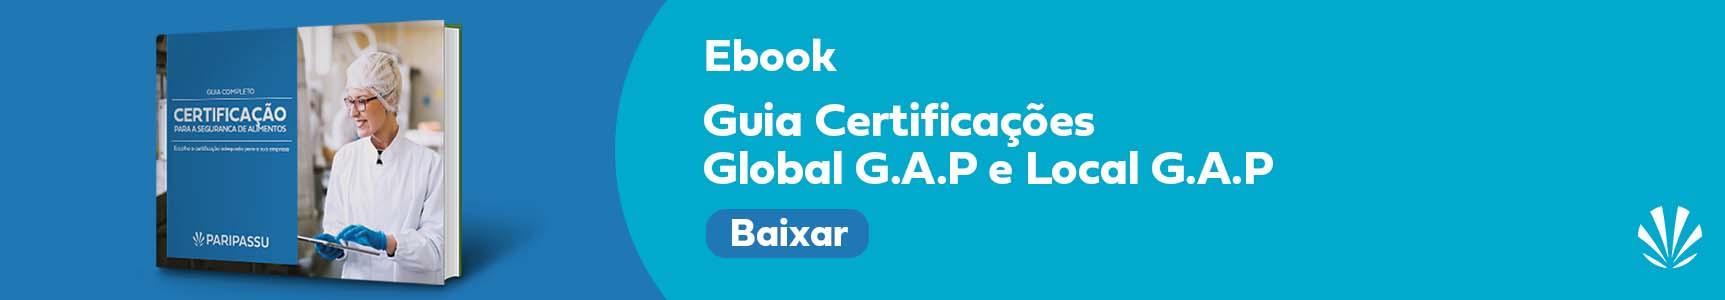 Guia Certificações Global G.A.P e Local G.A.P